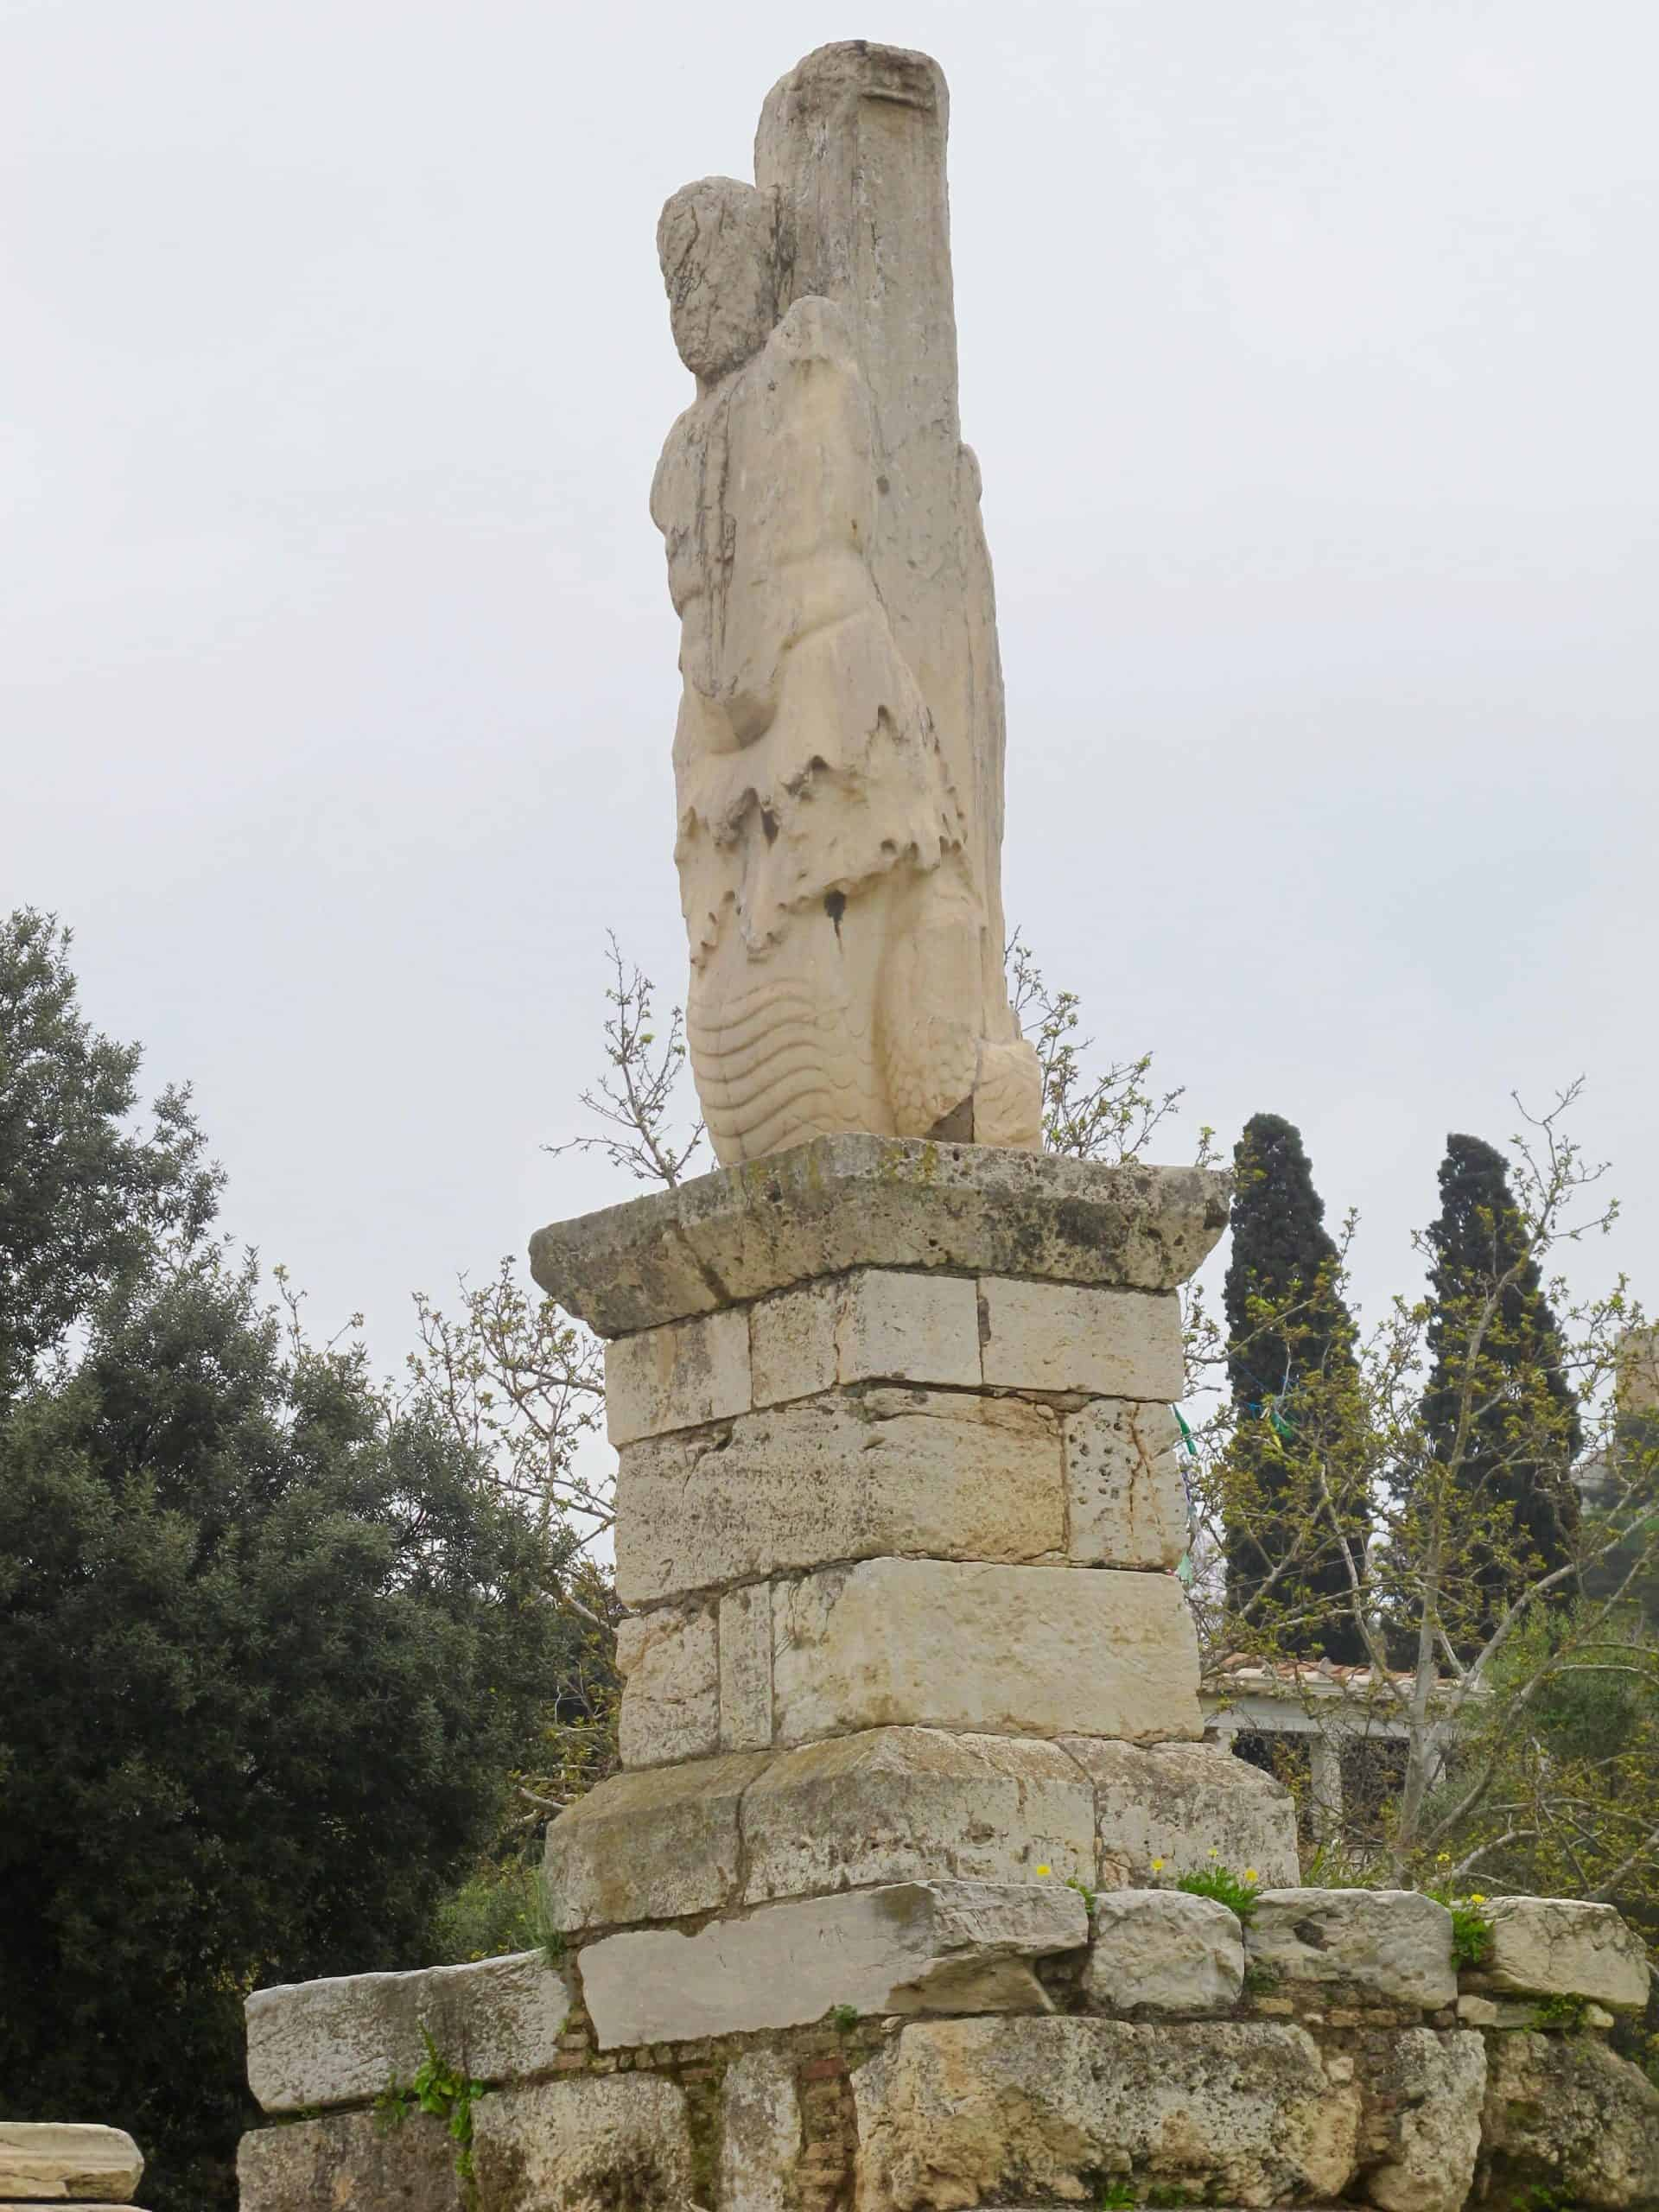 athens_agora10) Odeion of Agrippa